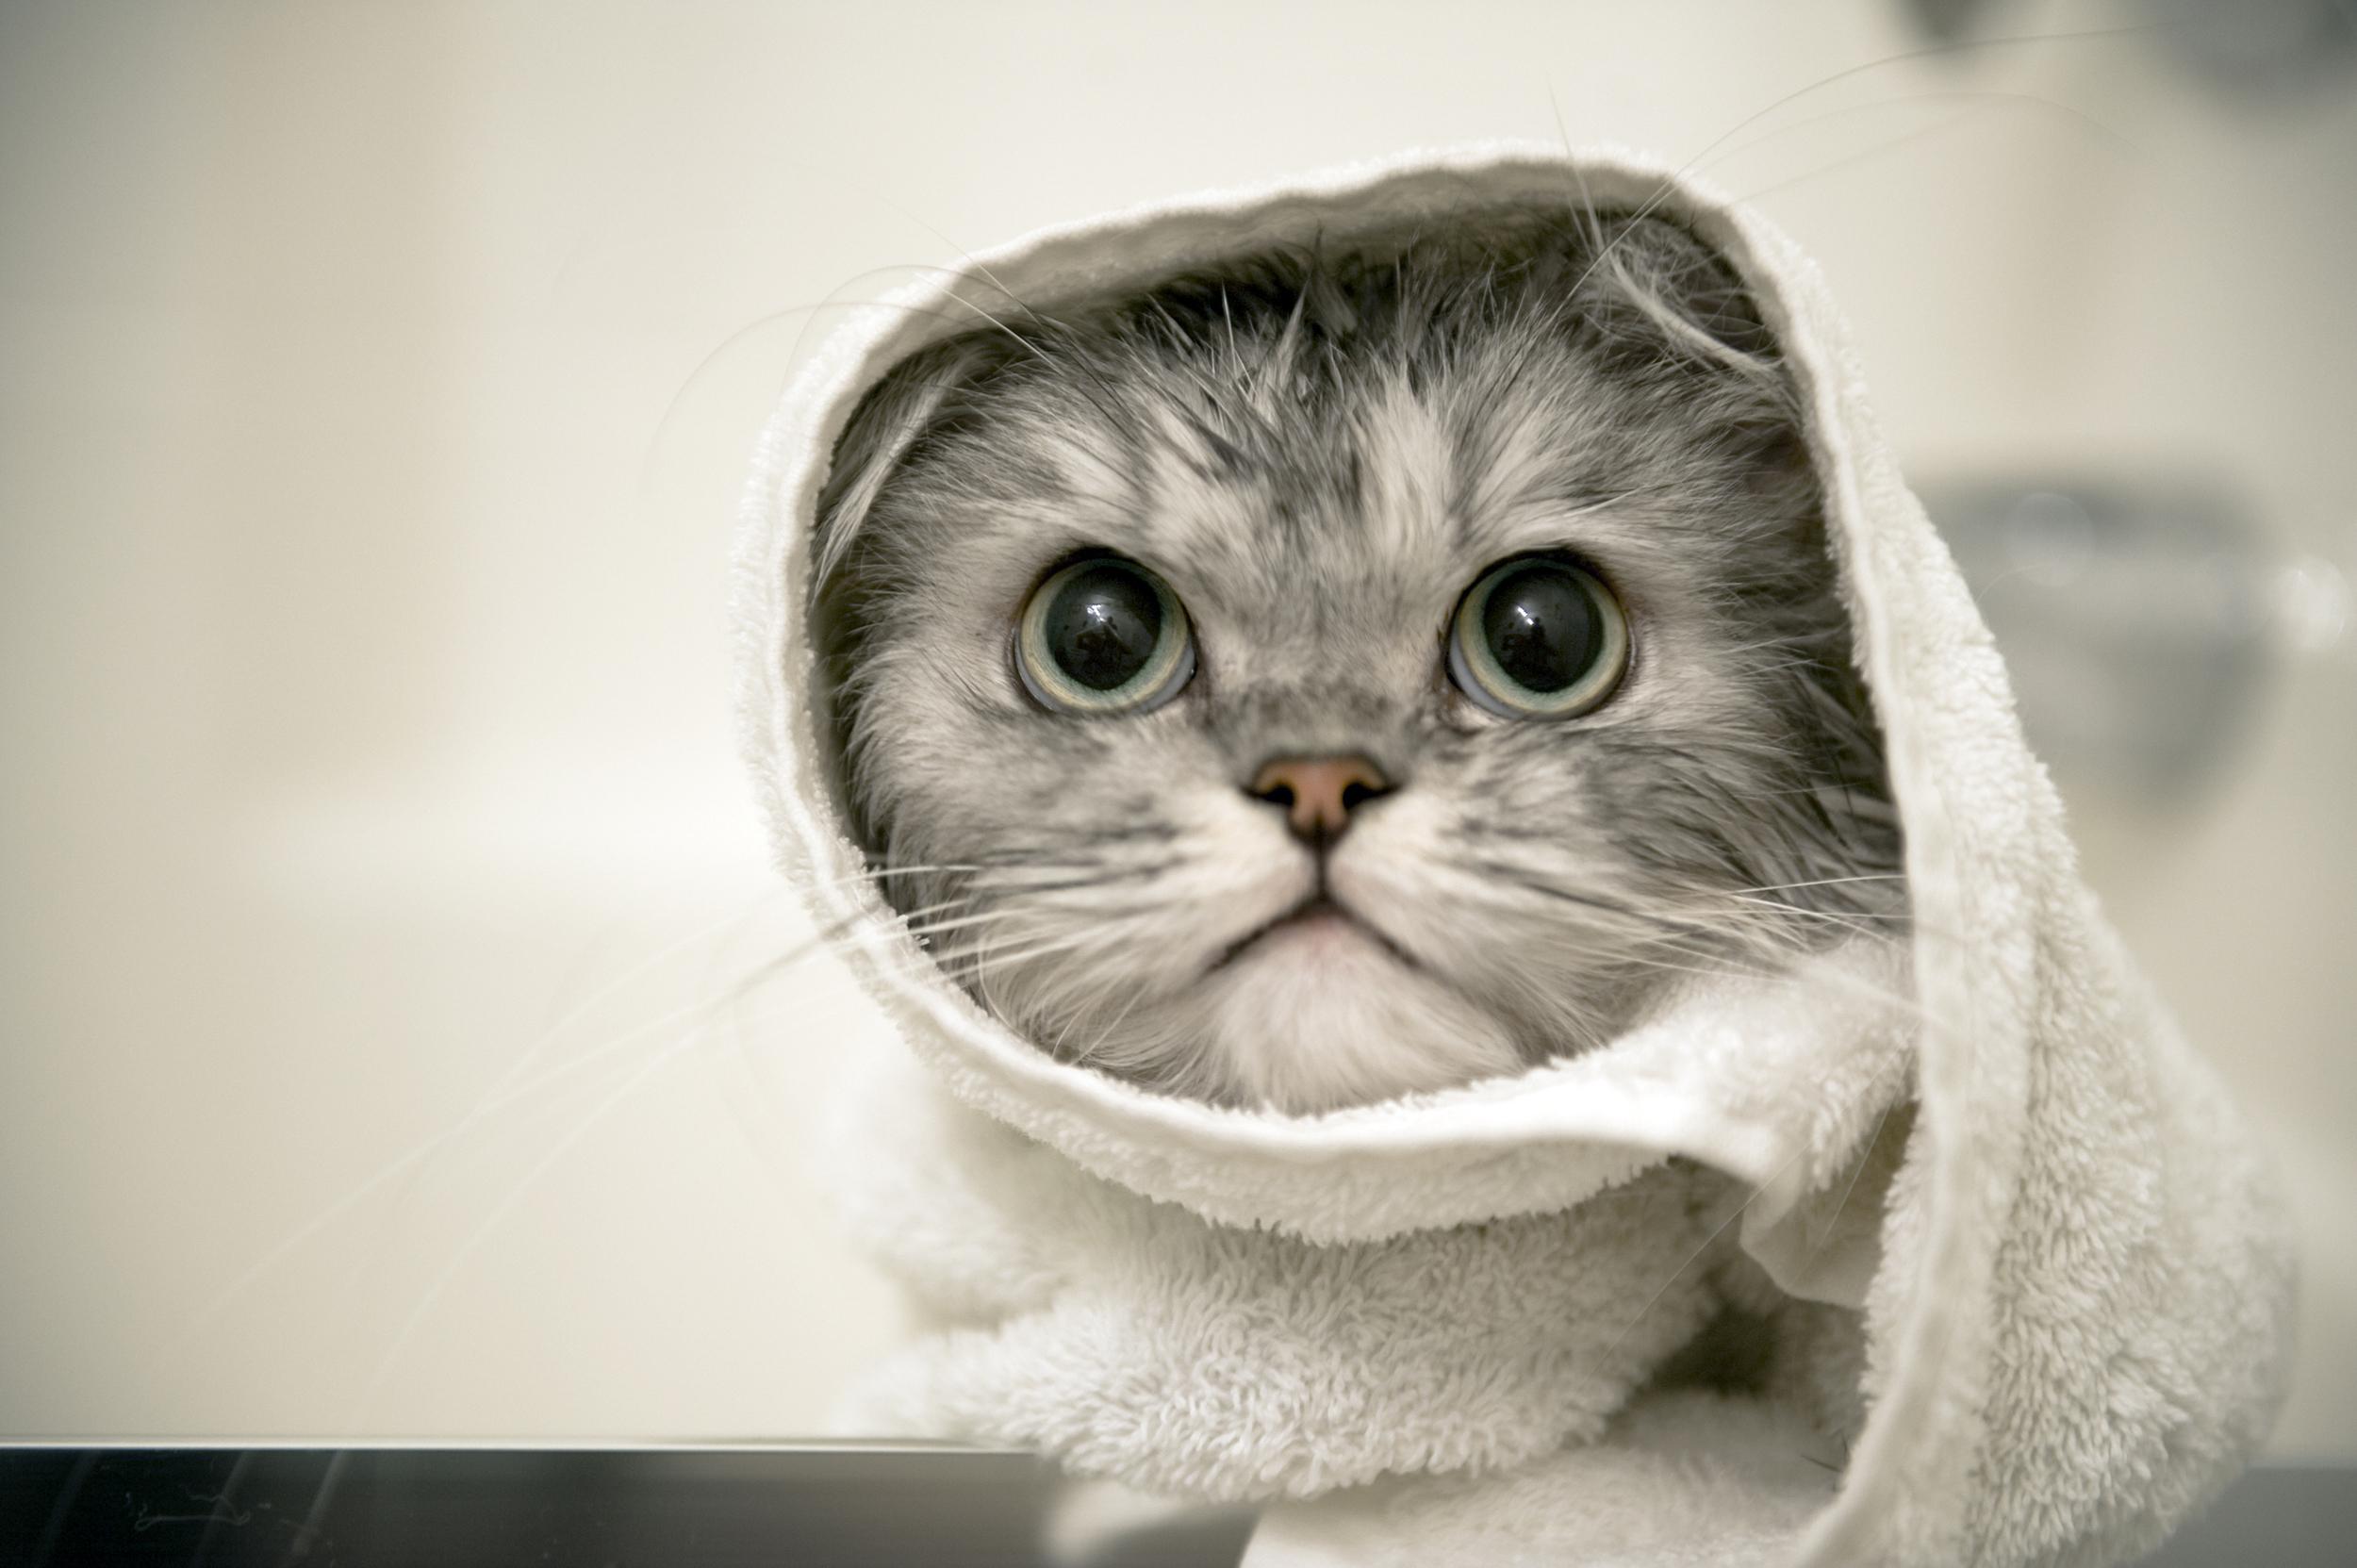 a-persian-cat-getting-a-bath-1